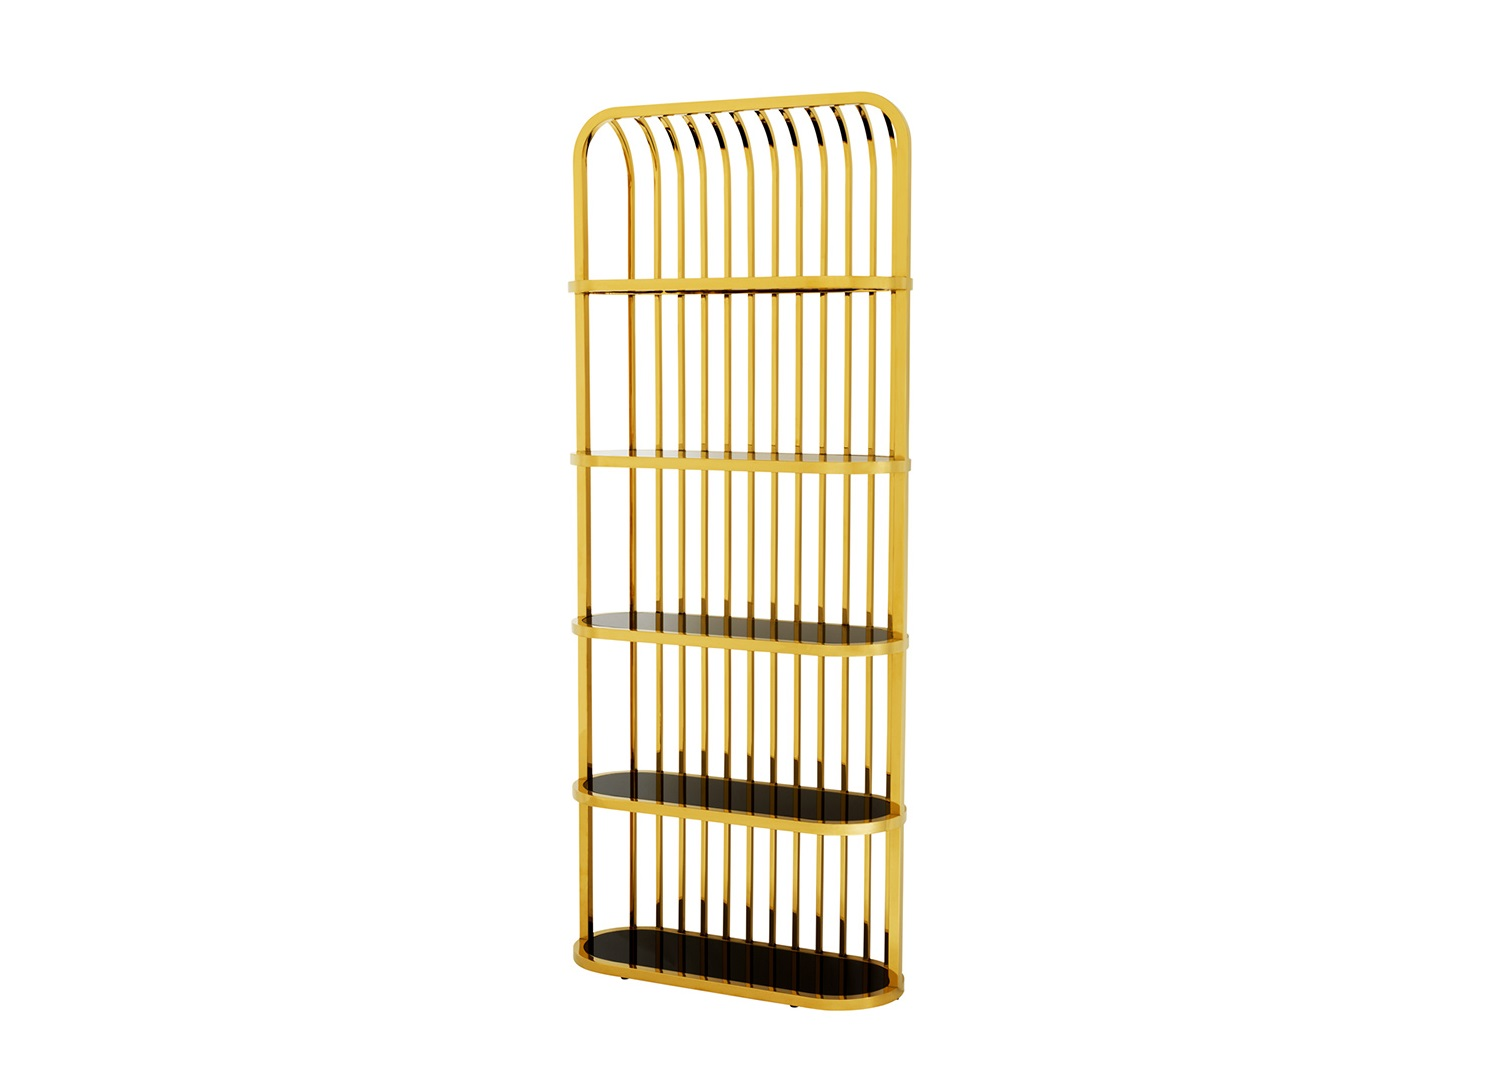 СтеллажСтеллажи и этажерки<br>Стеллаж Cabinet Eliot выполнен из металла золотого цвета. Полки из плотного стекла черного цвета.<br><br>Material: Металл<br>Ширина см: 95<br>Высота см: 230<br>Глубина см: 36